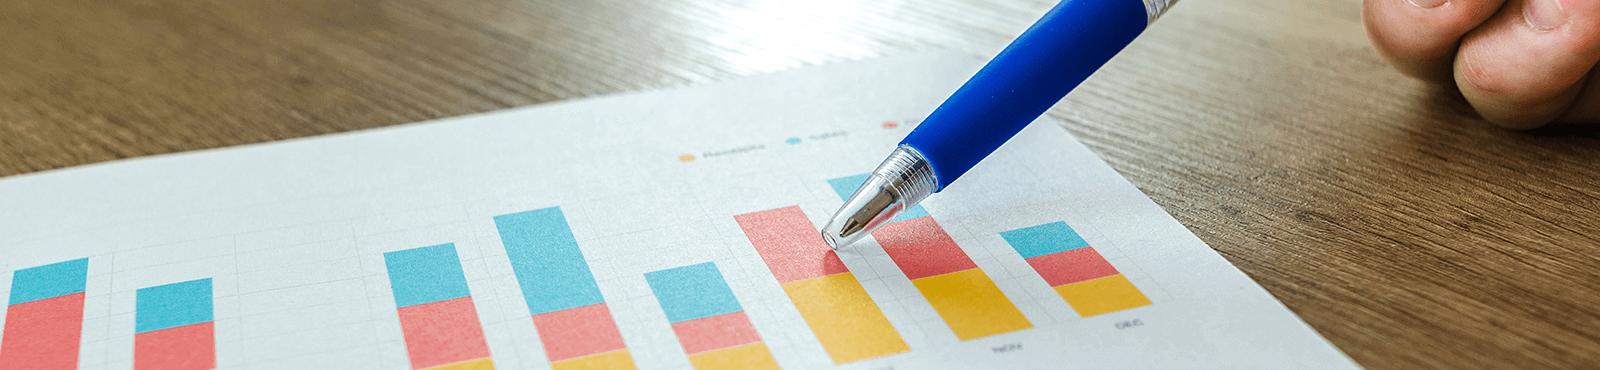 Auswertungen erstellen, die Ihr Unternehmen voranbringen